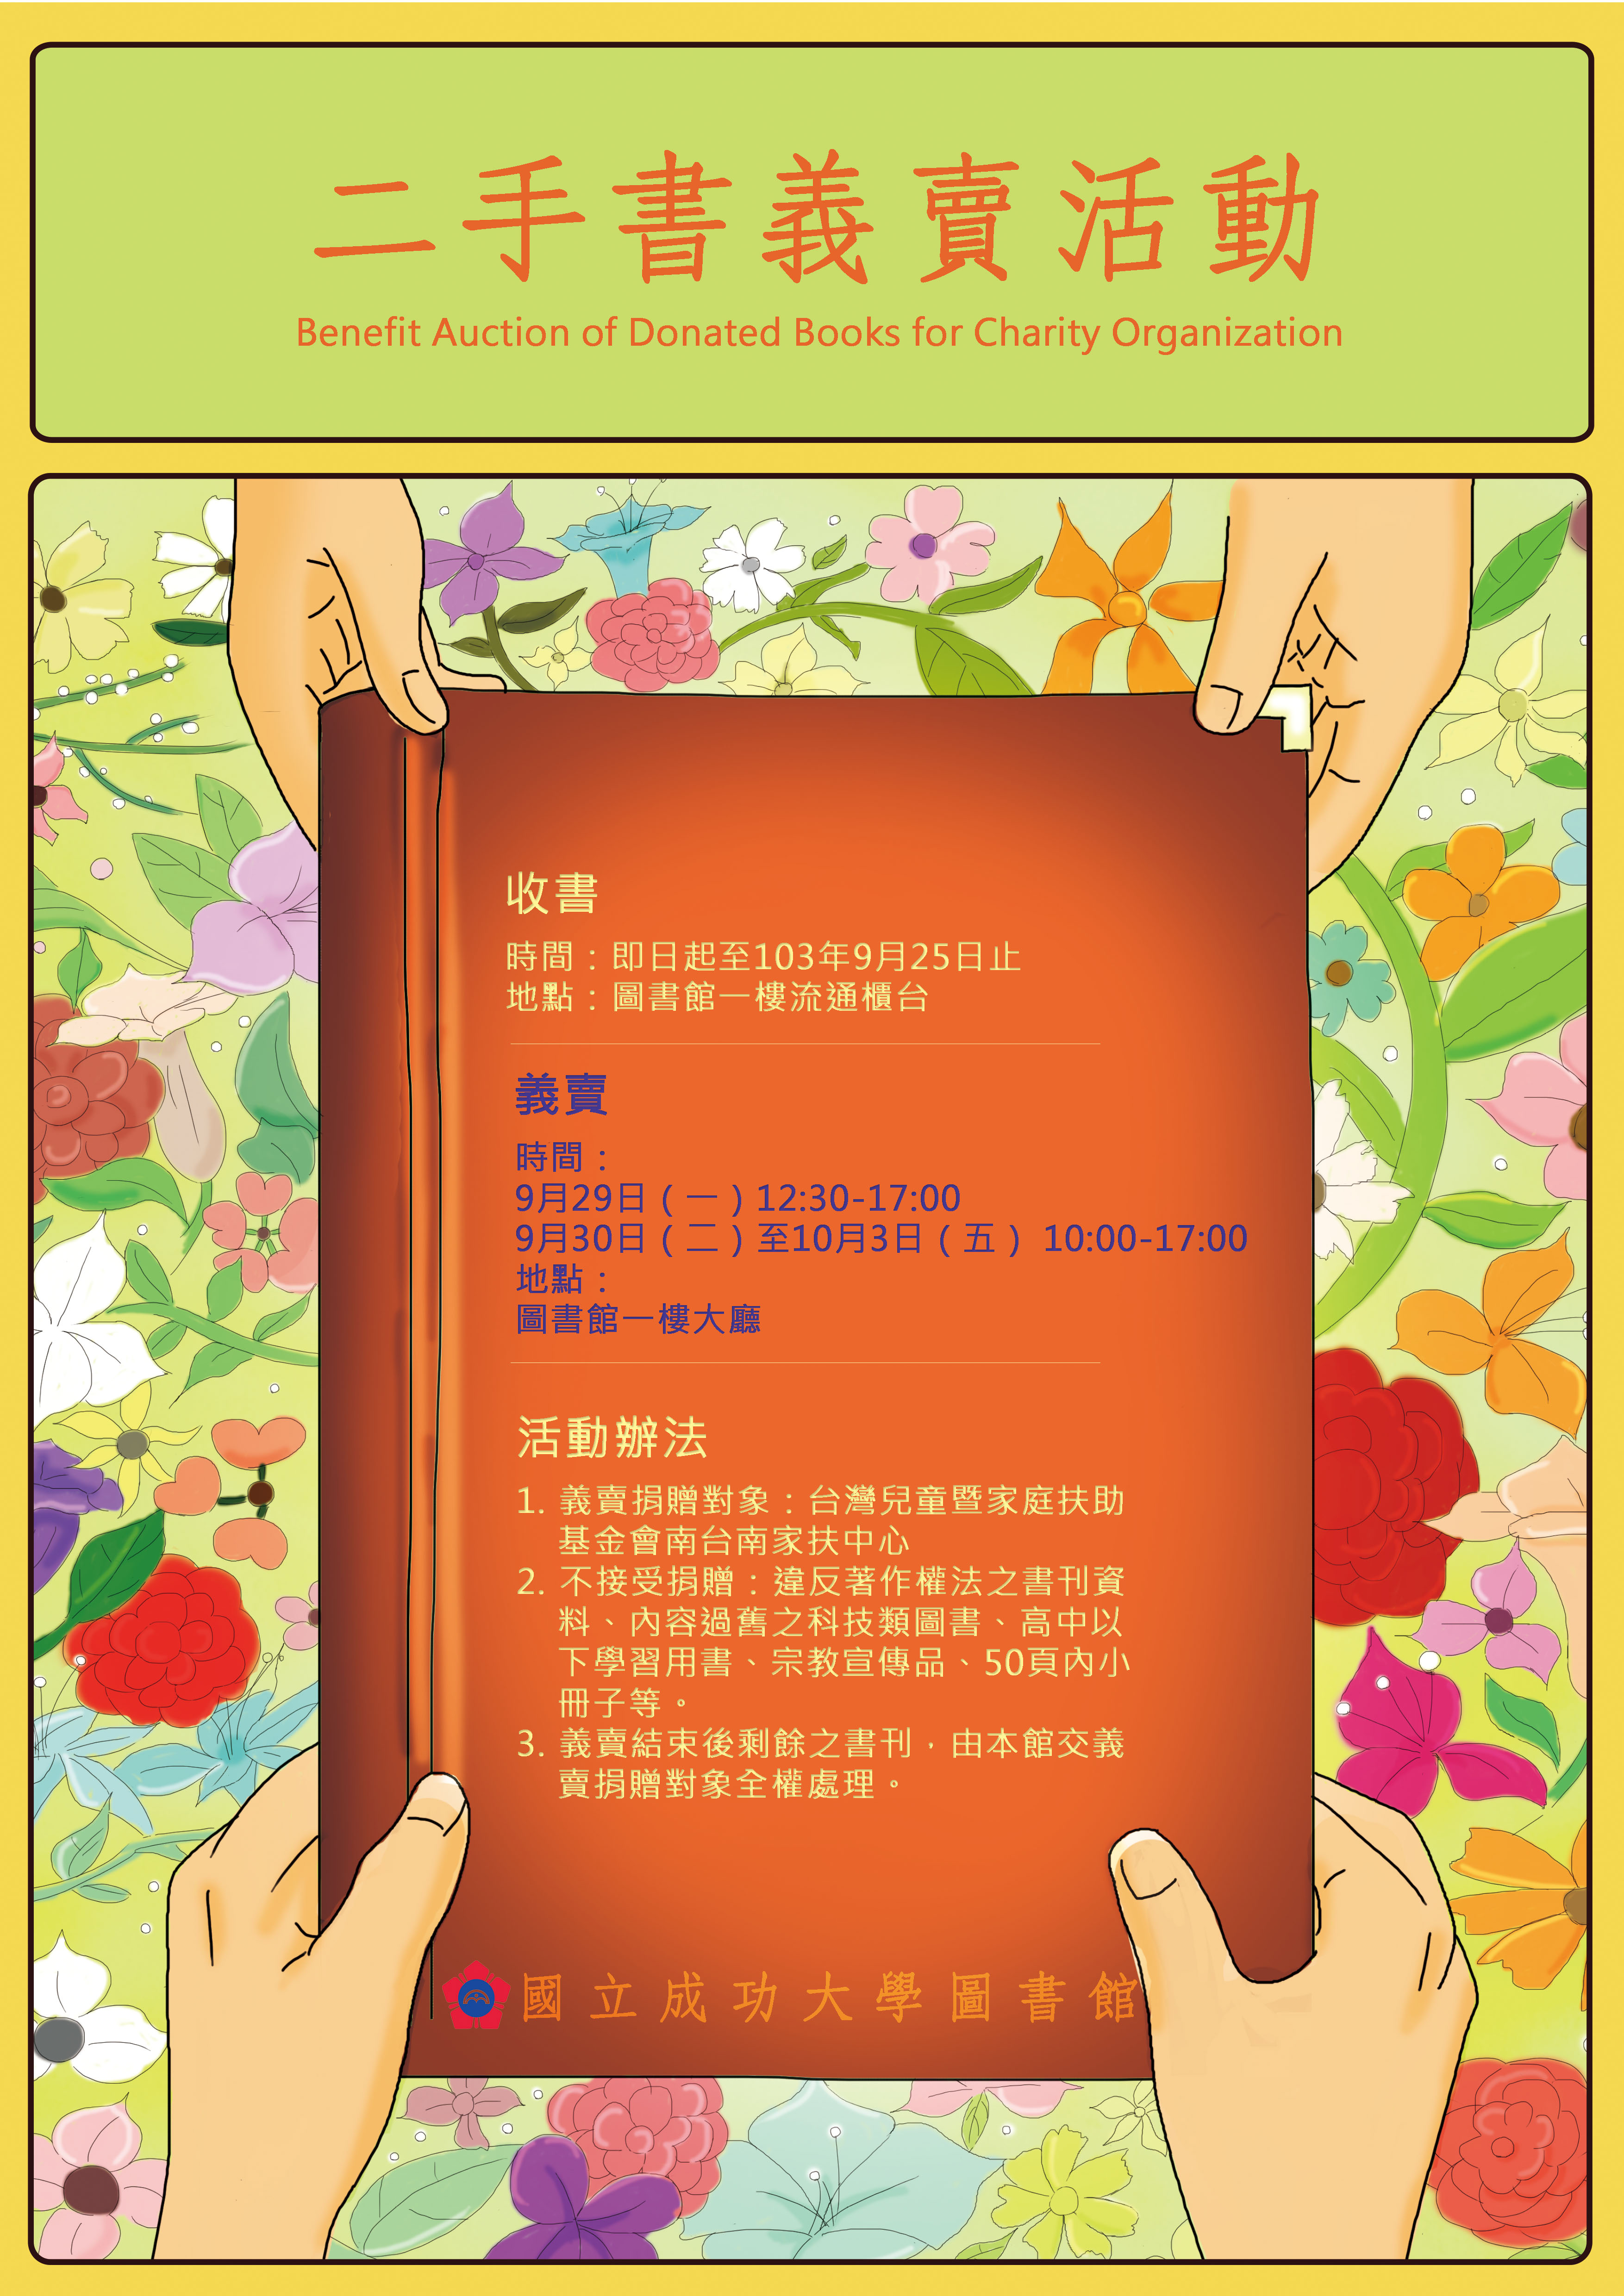 3/13 二手書捐雙東 : 捐台東海端圖書館-活動記錄 @ 眼腦直映 …_插圖